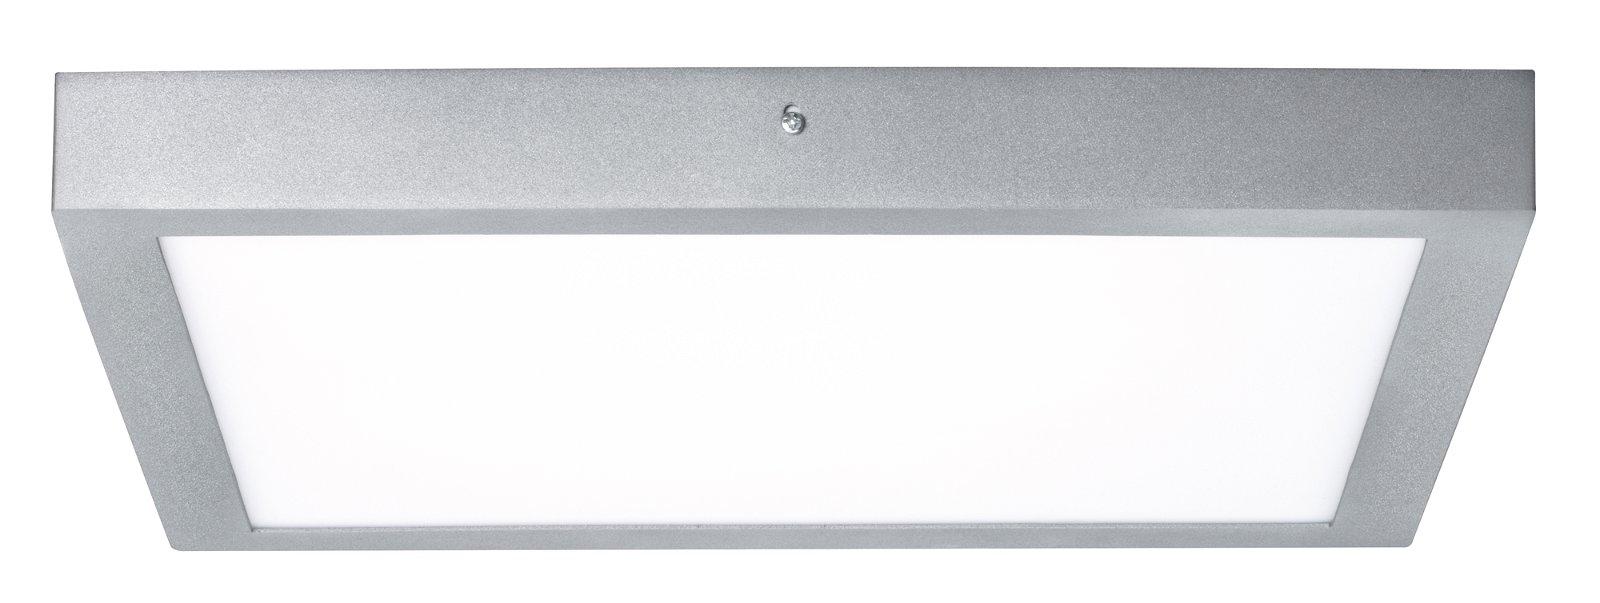 Panneau LED Lunar carré 400x400mm 2600lm 3000K Chrome mat